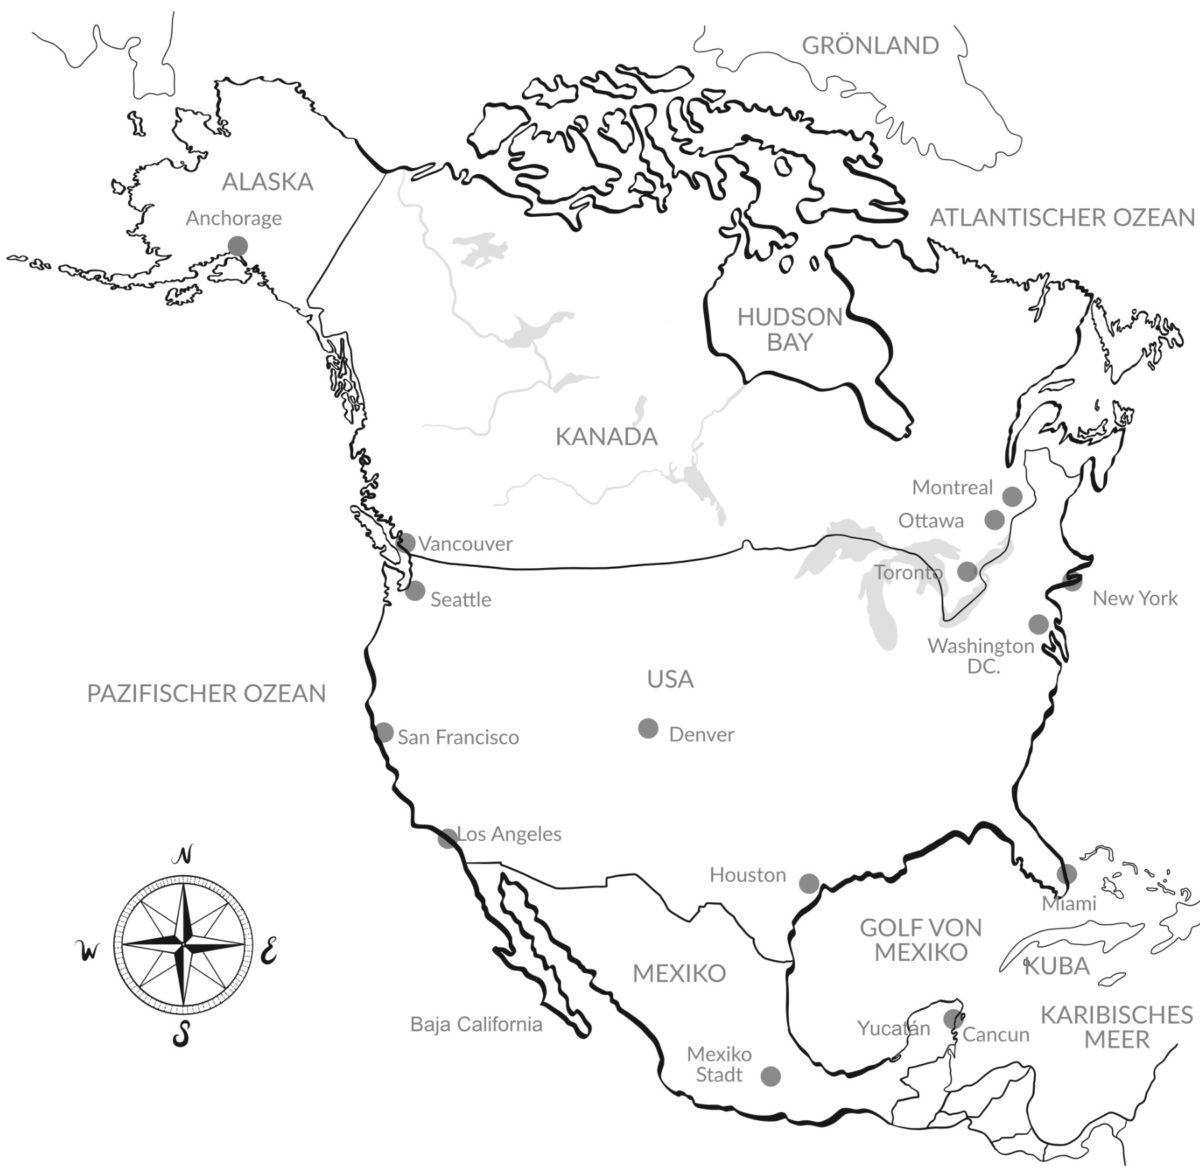 Luxusurlaub Nordamerika Argentum Reisen Individuelle Reiseerlebnisse